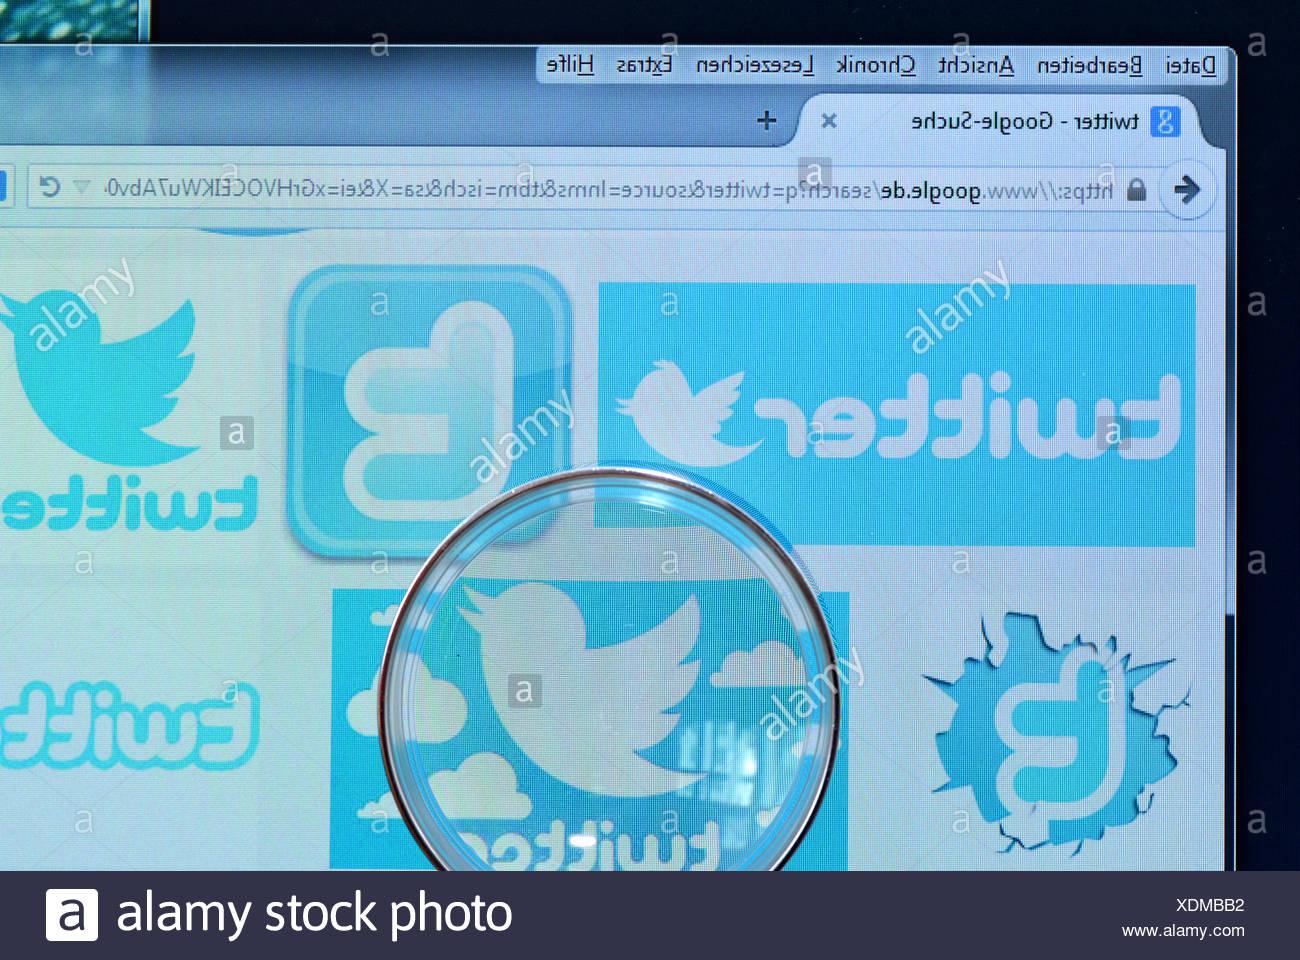 Twitter, Bildschirm, Lupe - Stock Image